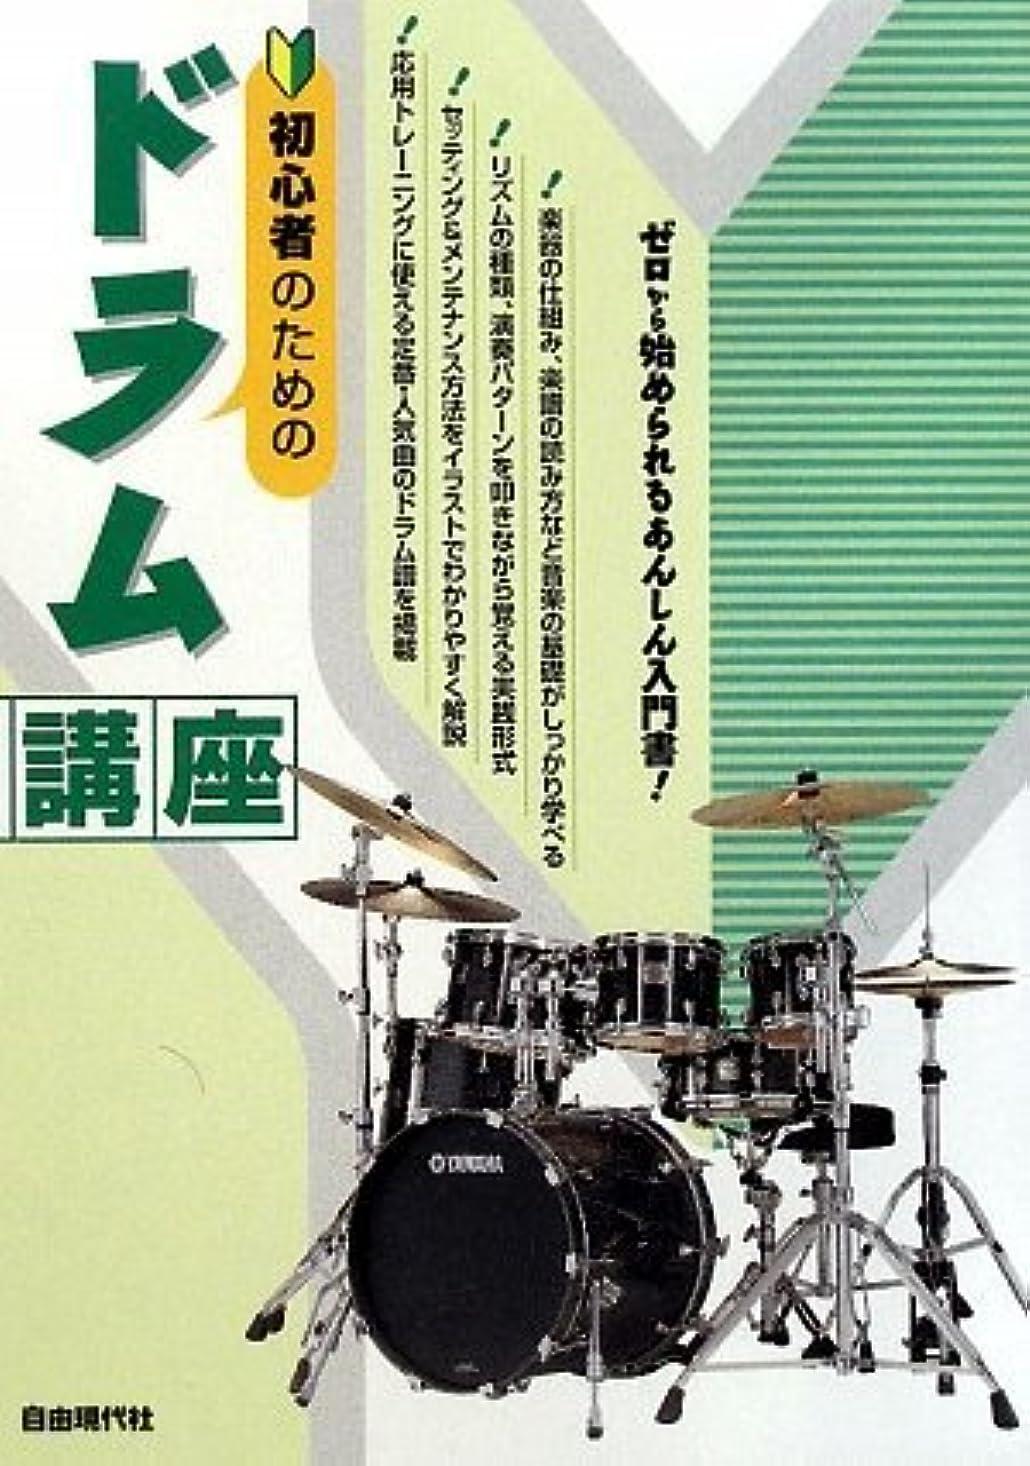 注入派手三十ロック ドラム入門ゼミ (自現) (はじめの一歩)